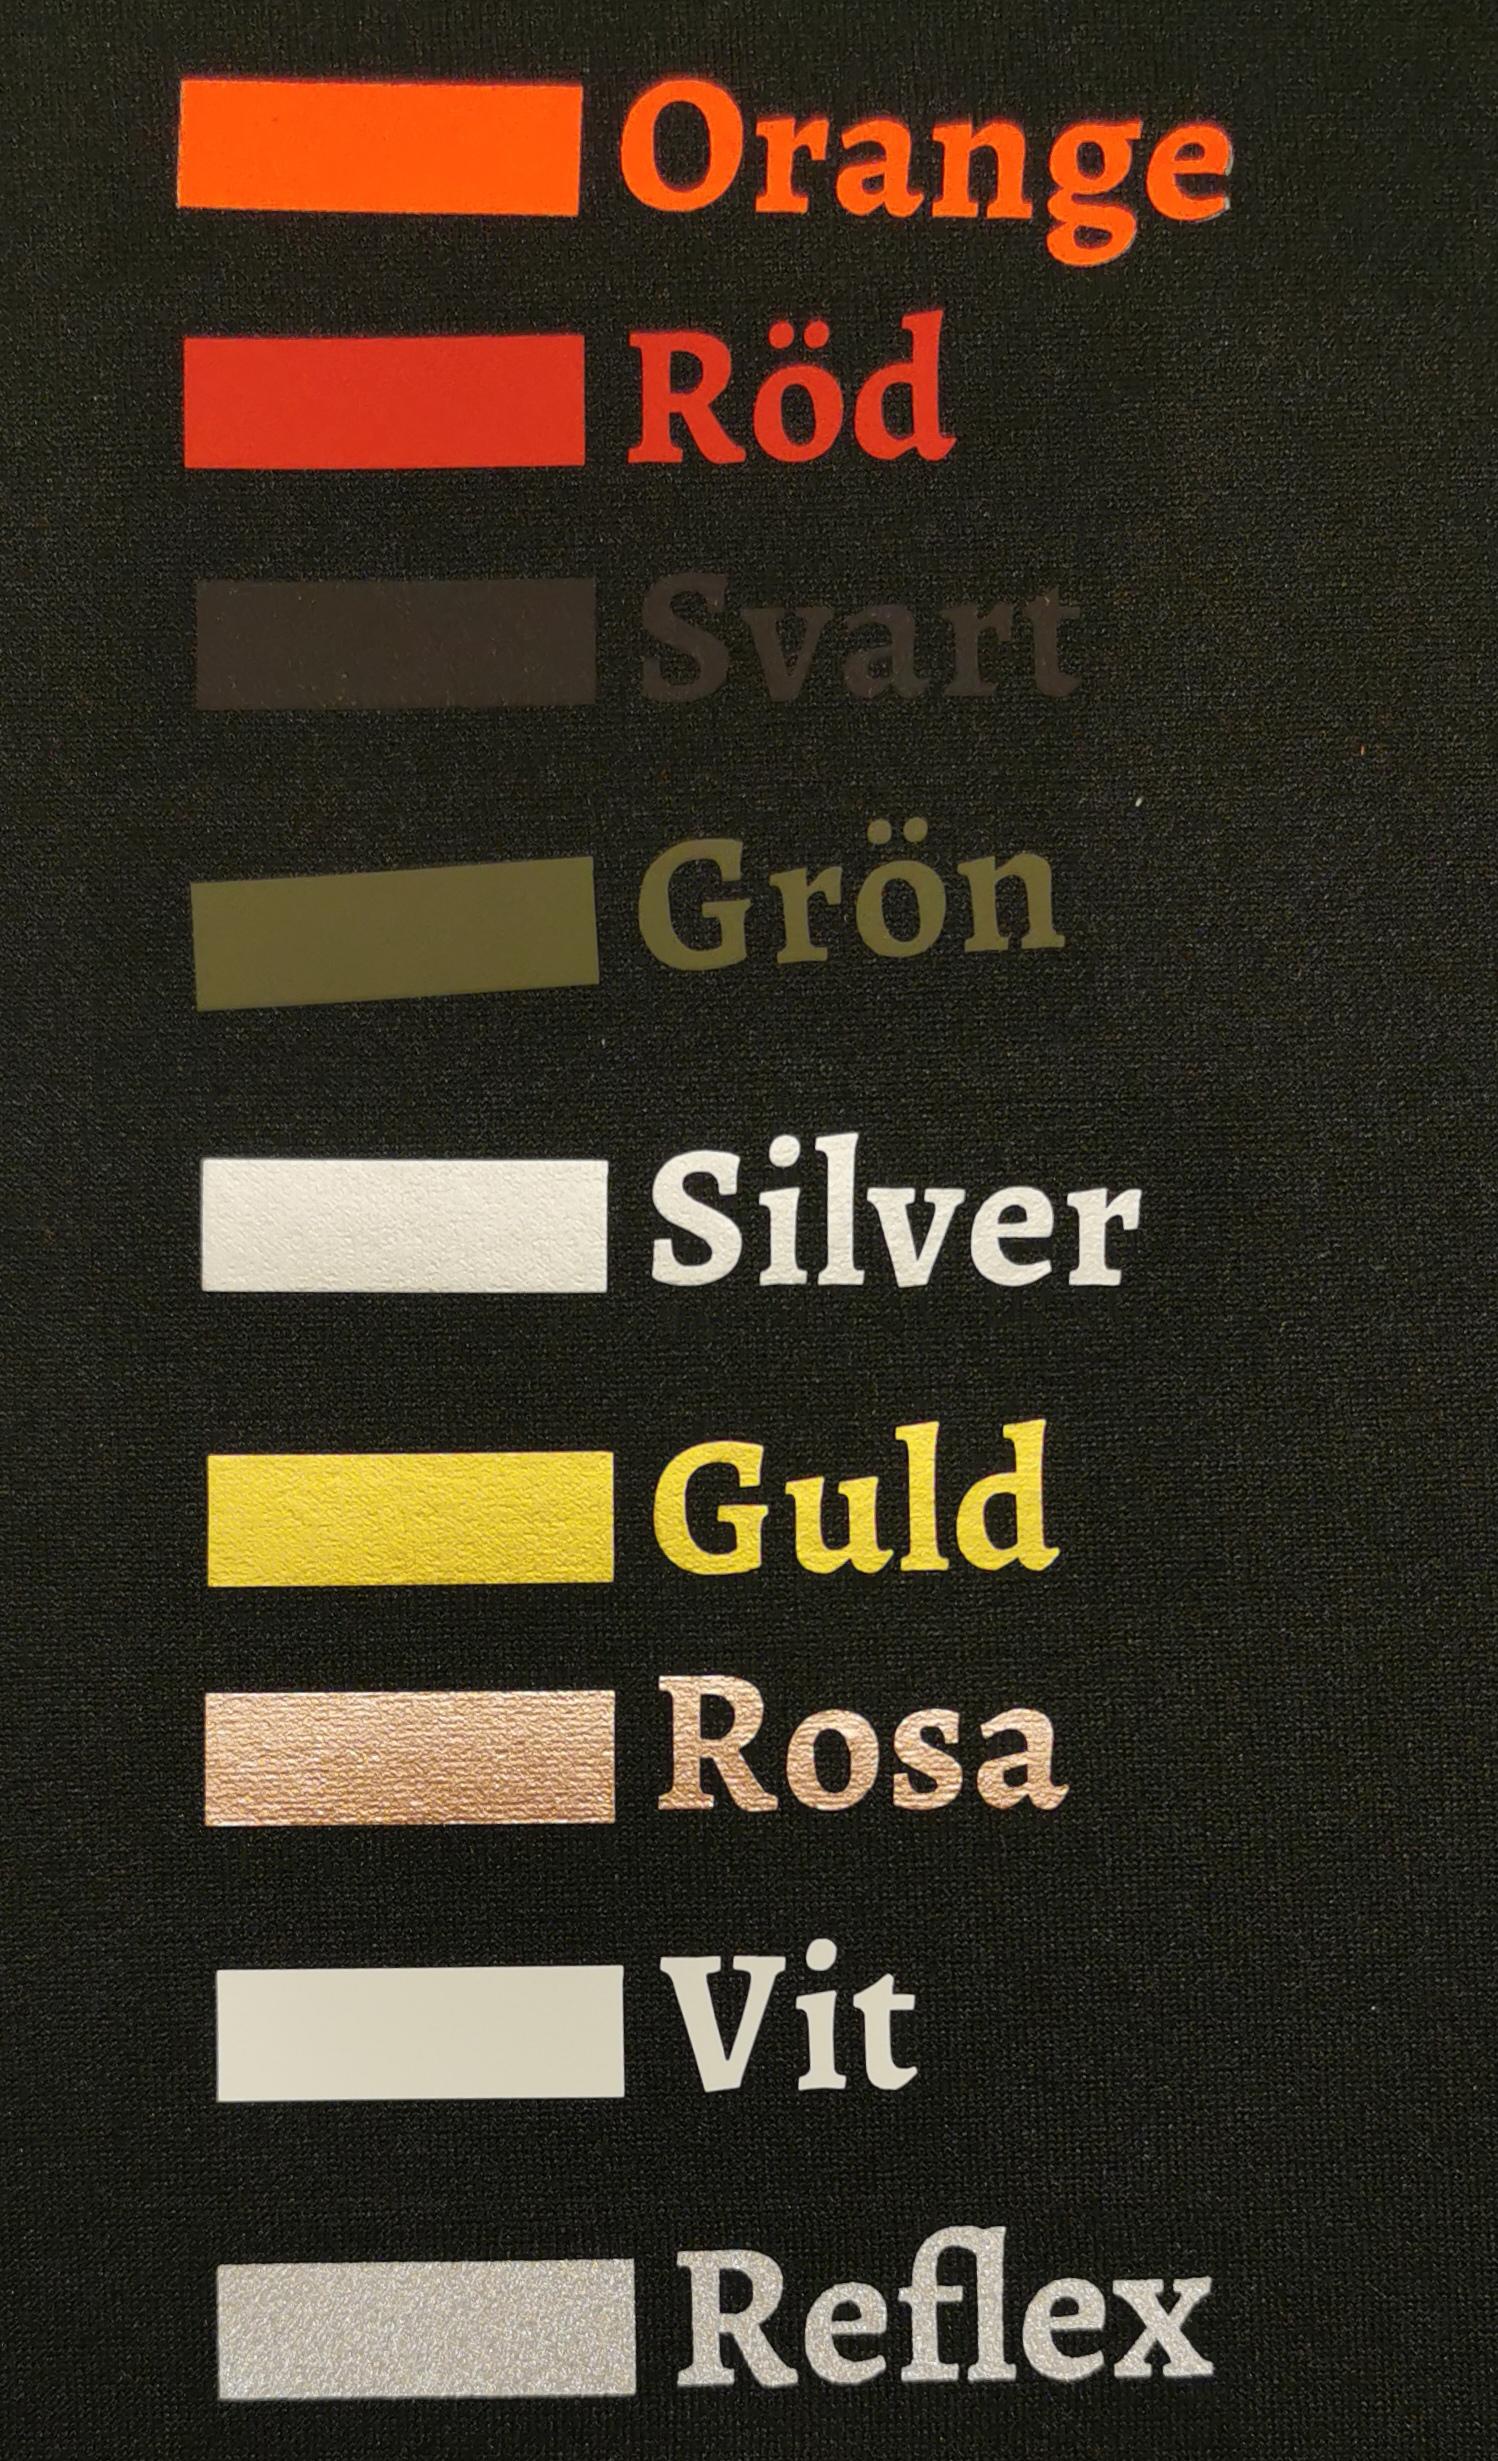 Färger på text